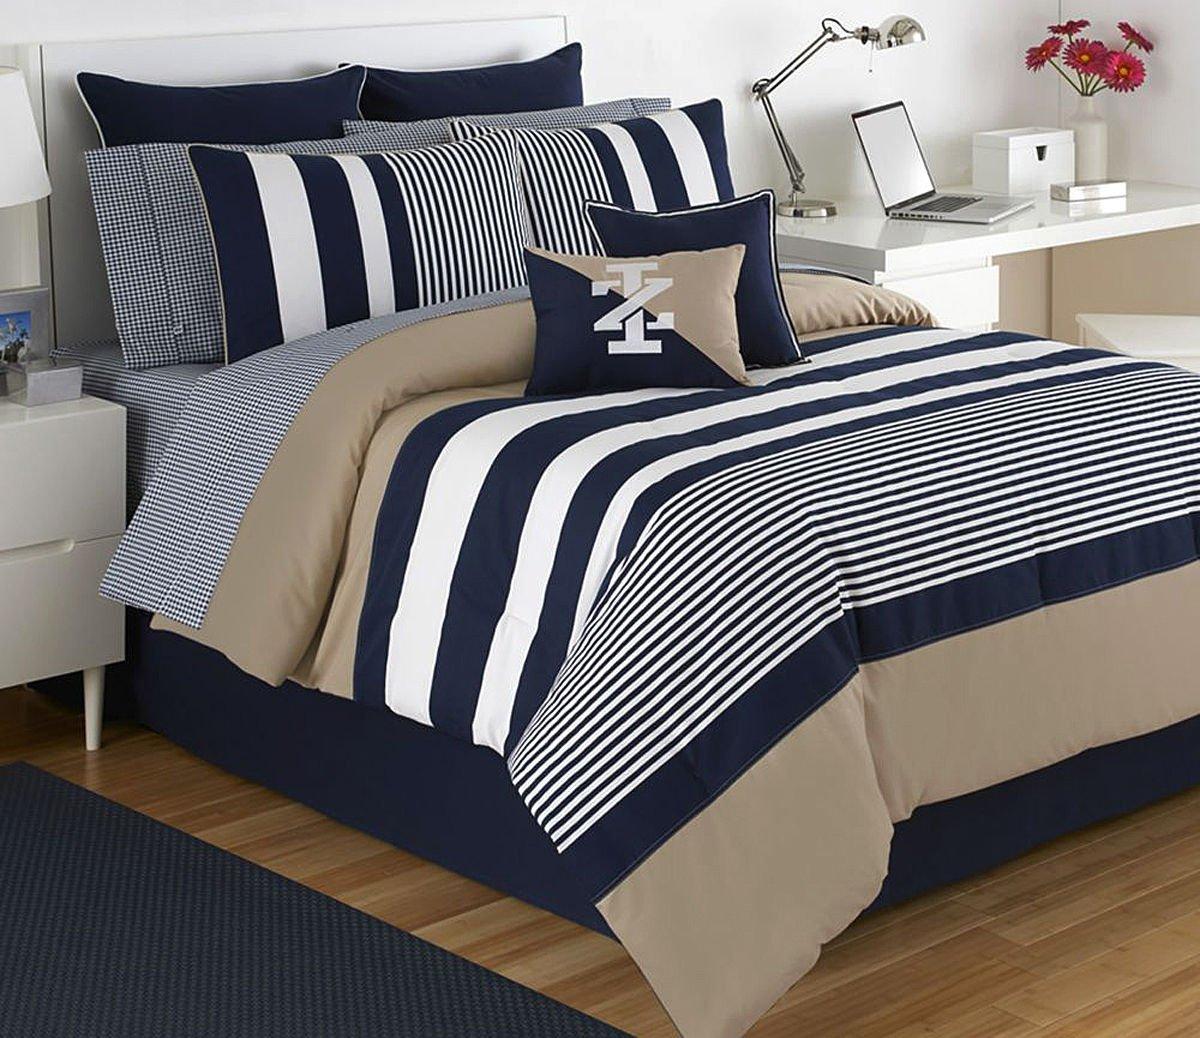 IZOD Classic Stripe Comforter Set by IZOD (Image #1)